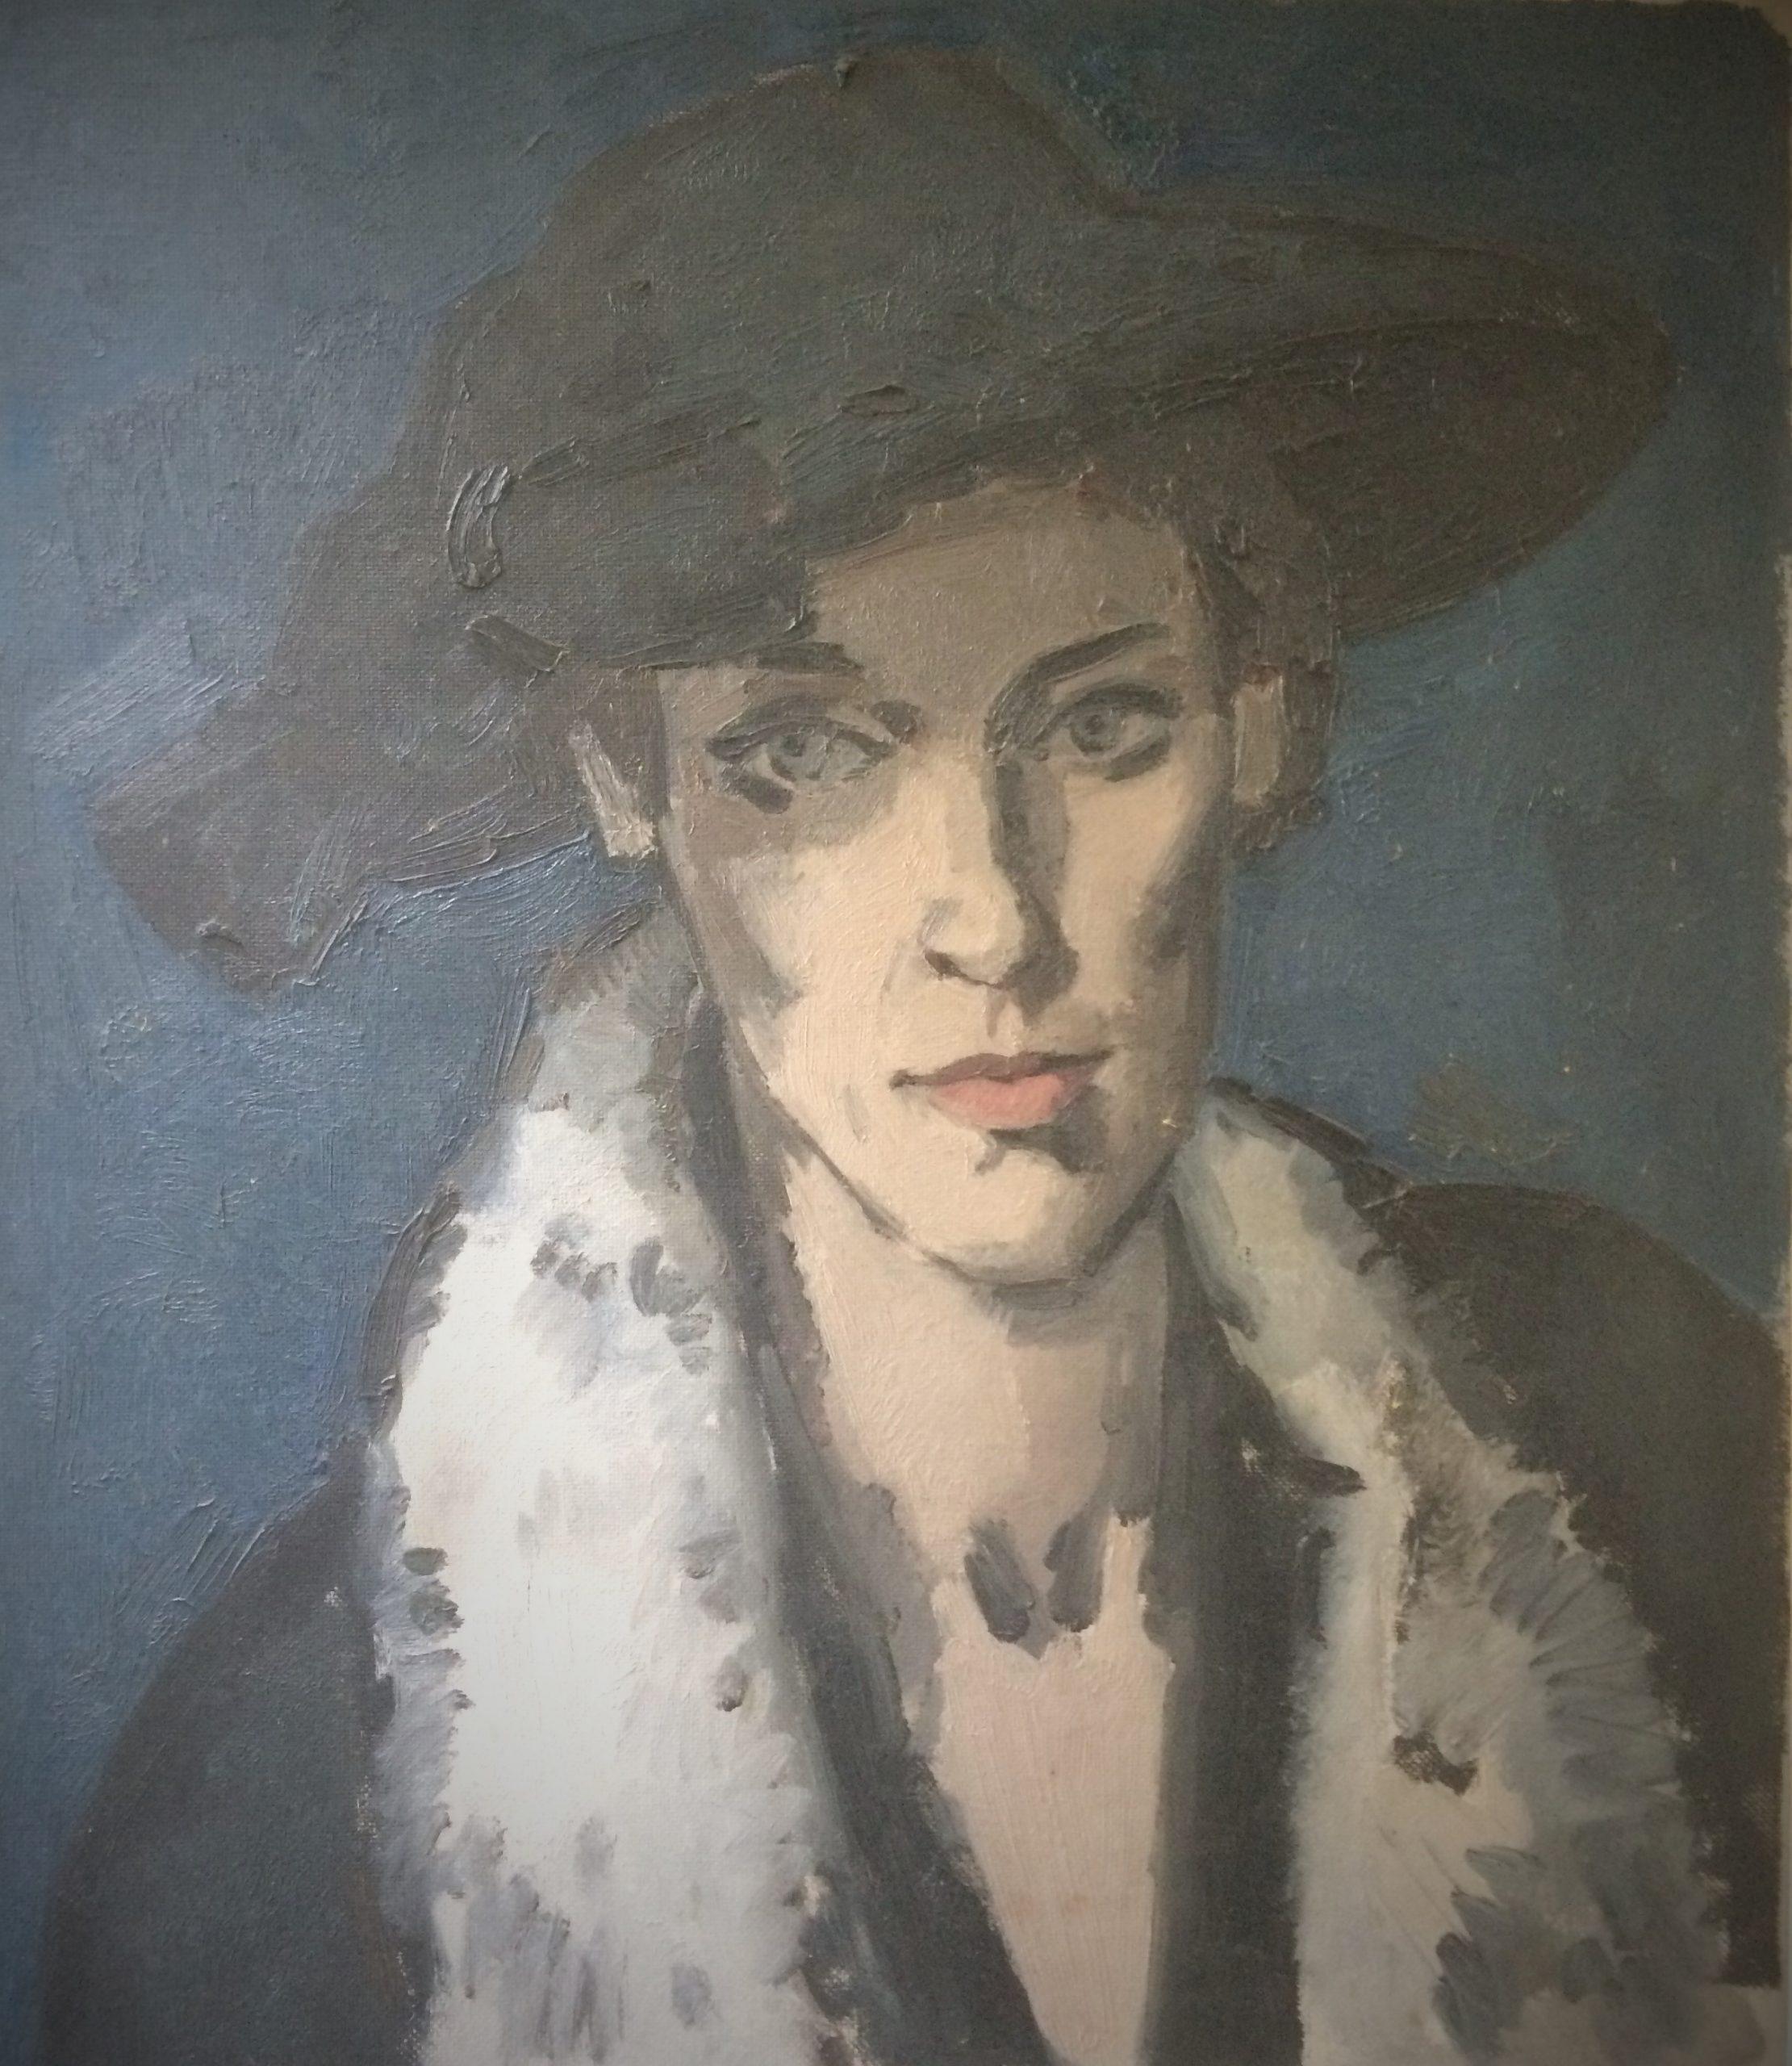 Glamourportret van Lisette van Meeteren (Hessel de Boer)